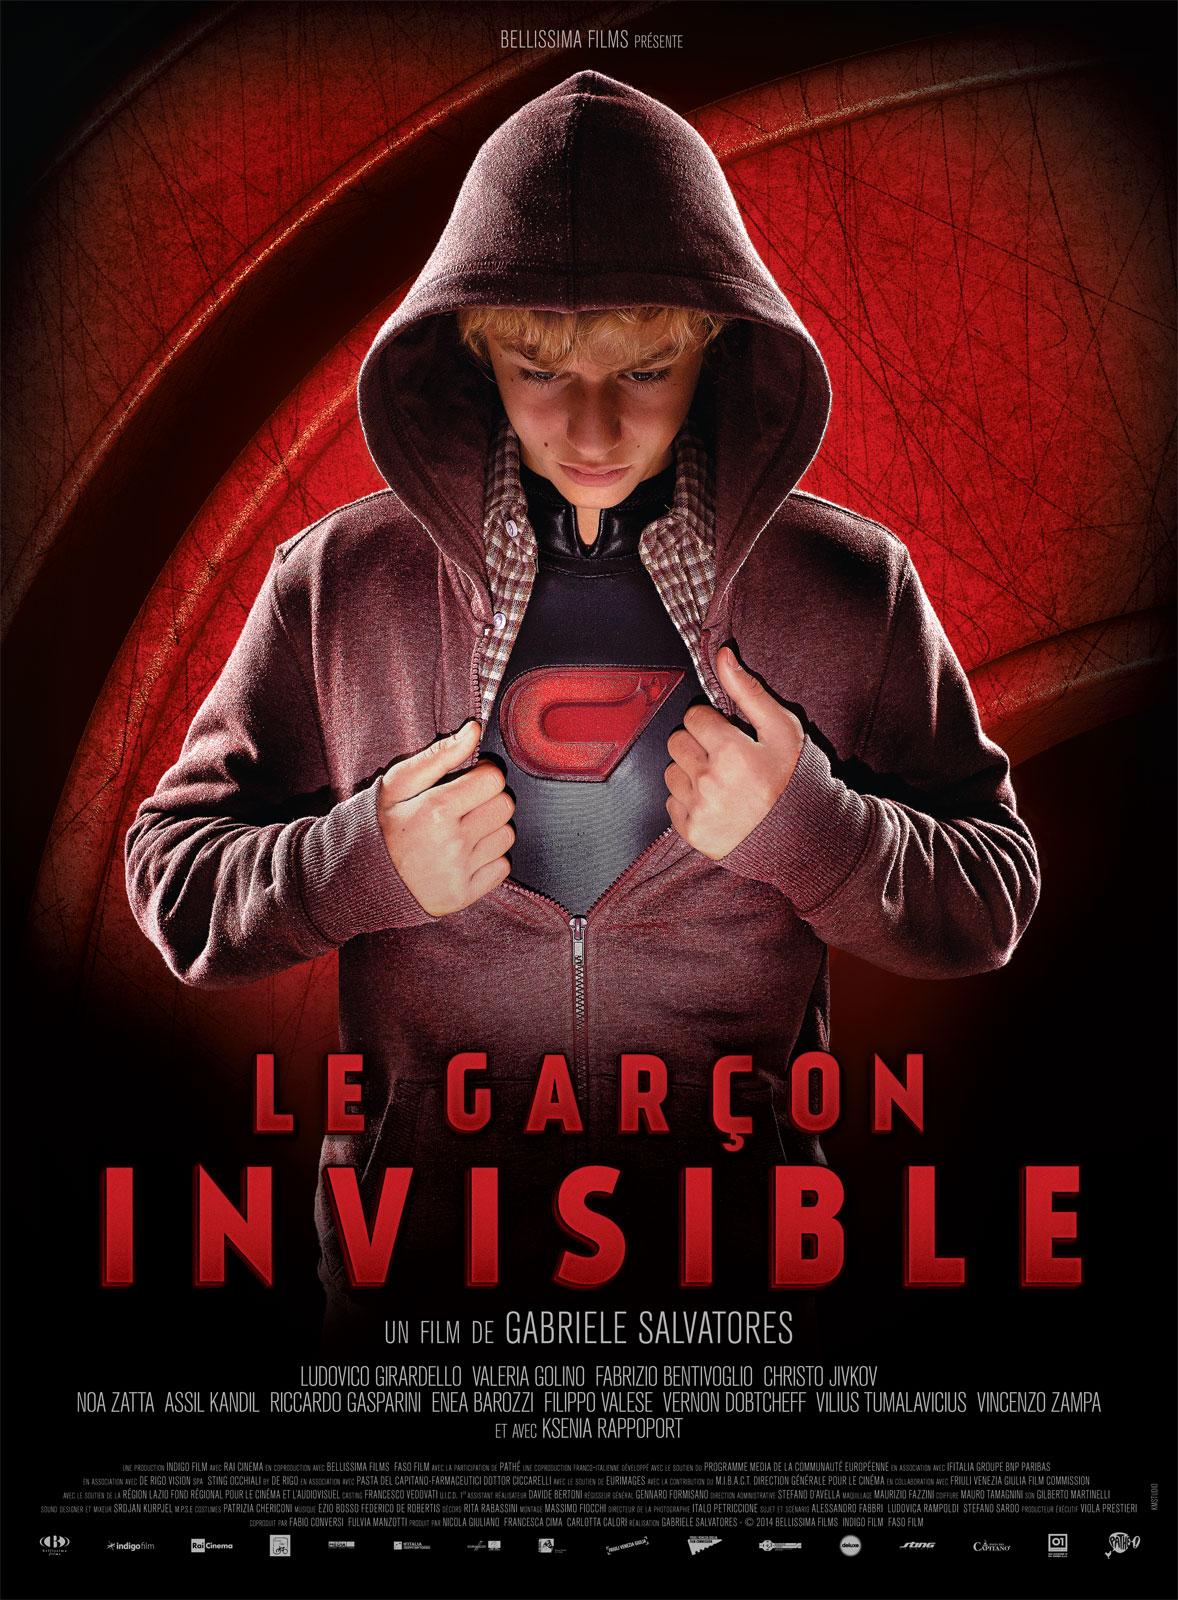 Invisibel